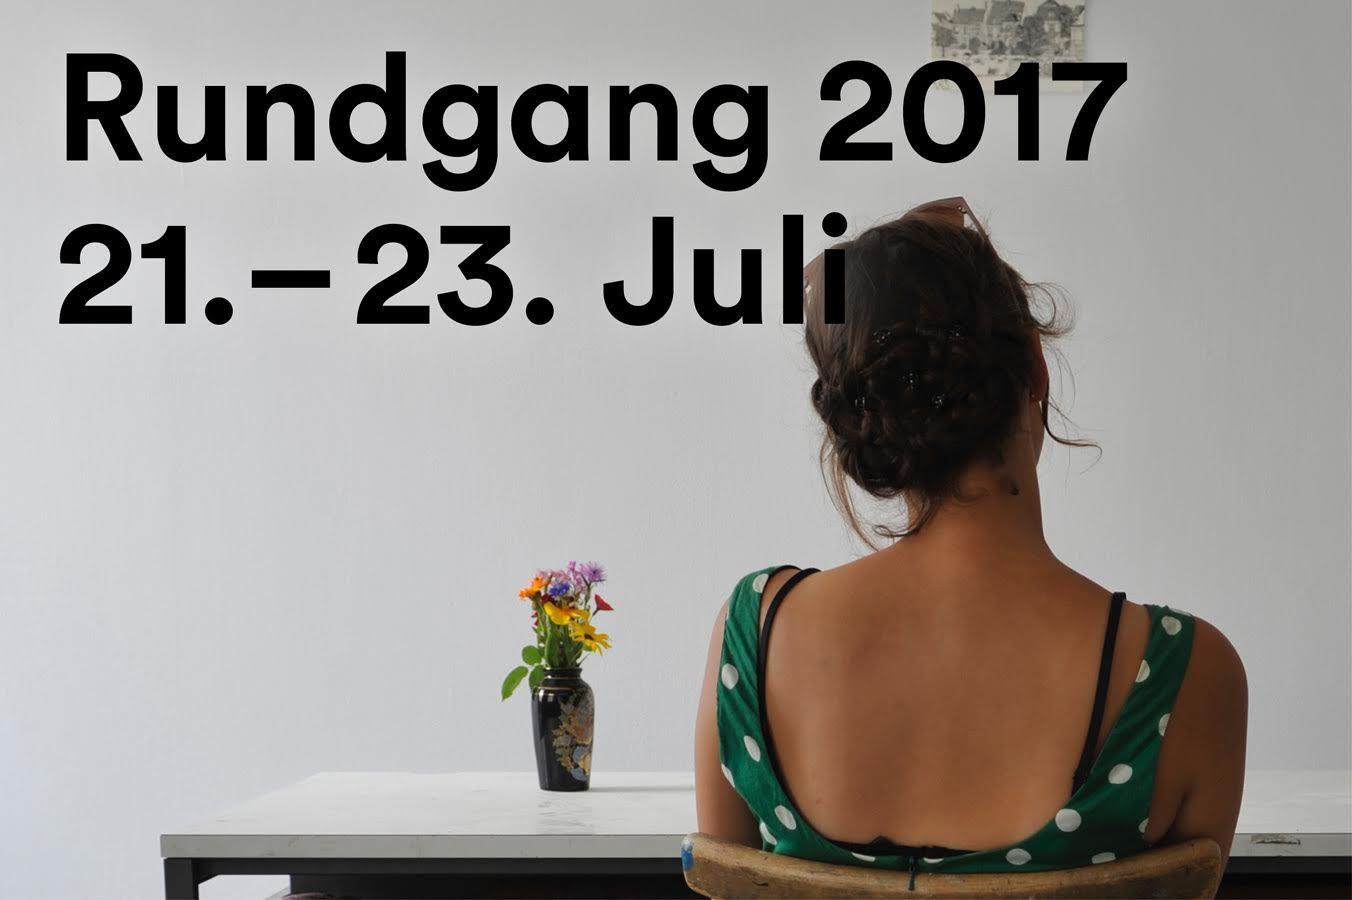 FKN_Rundgang2017_Hauptmotiv